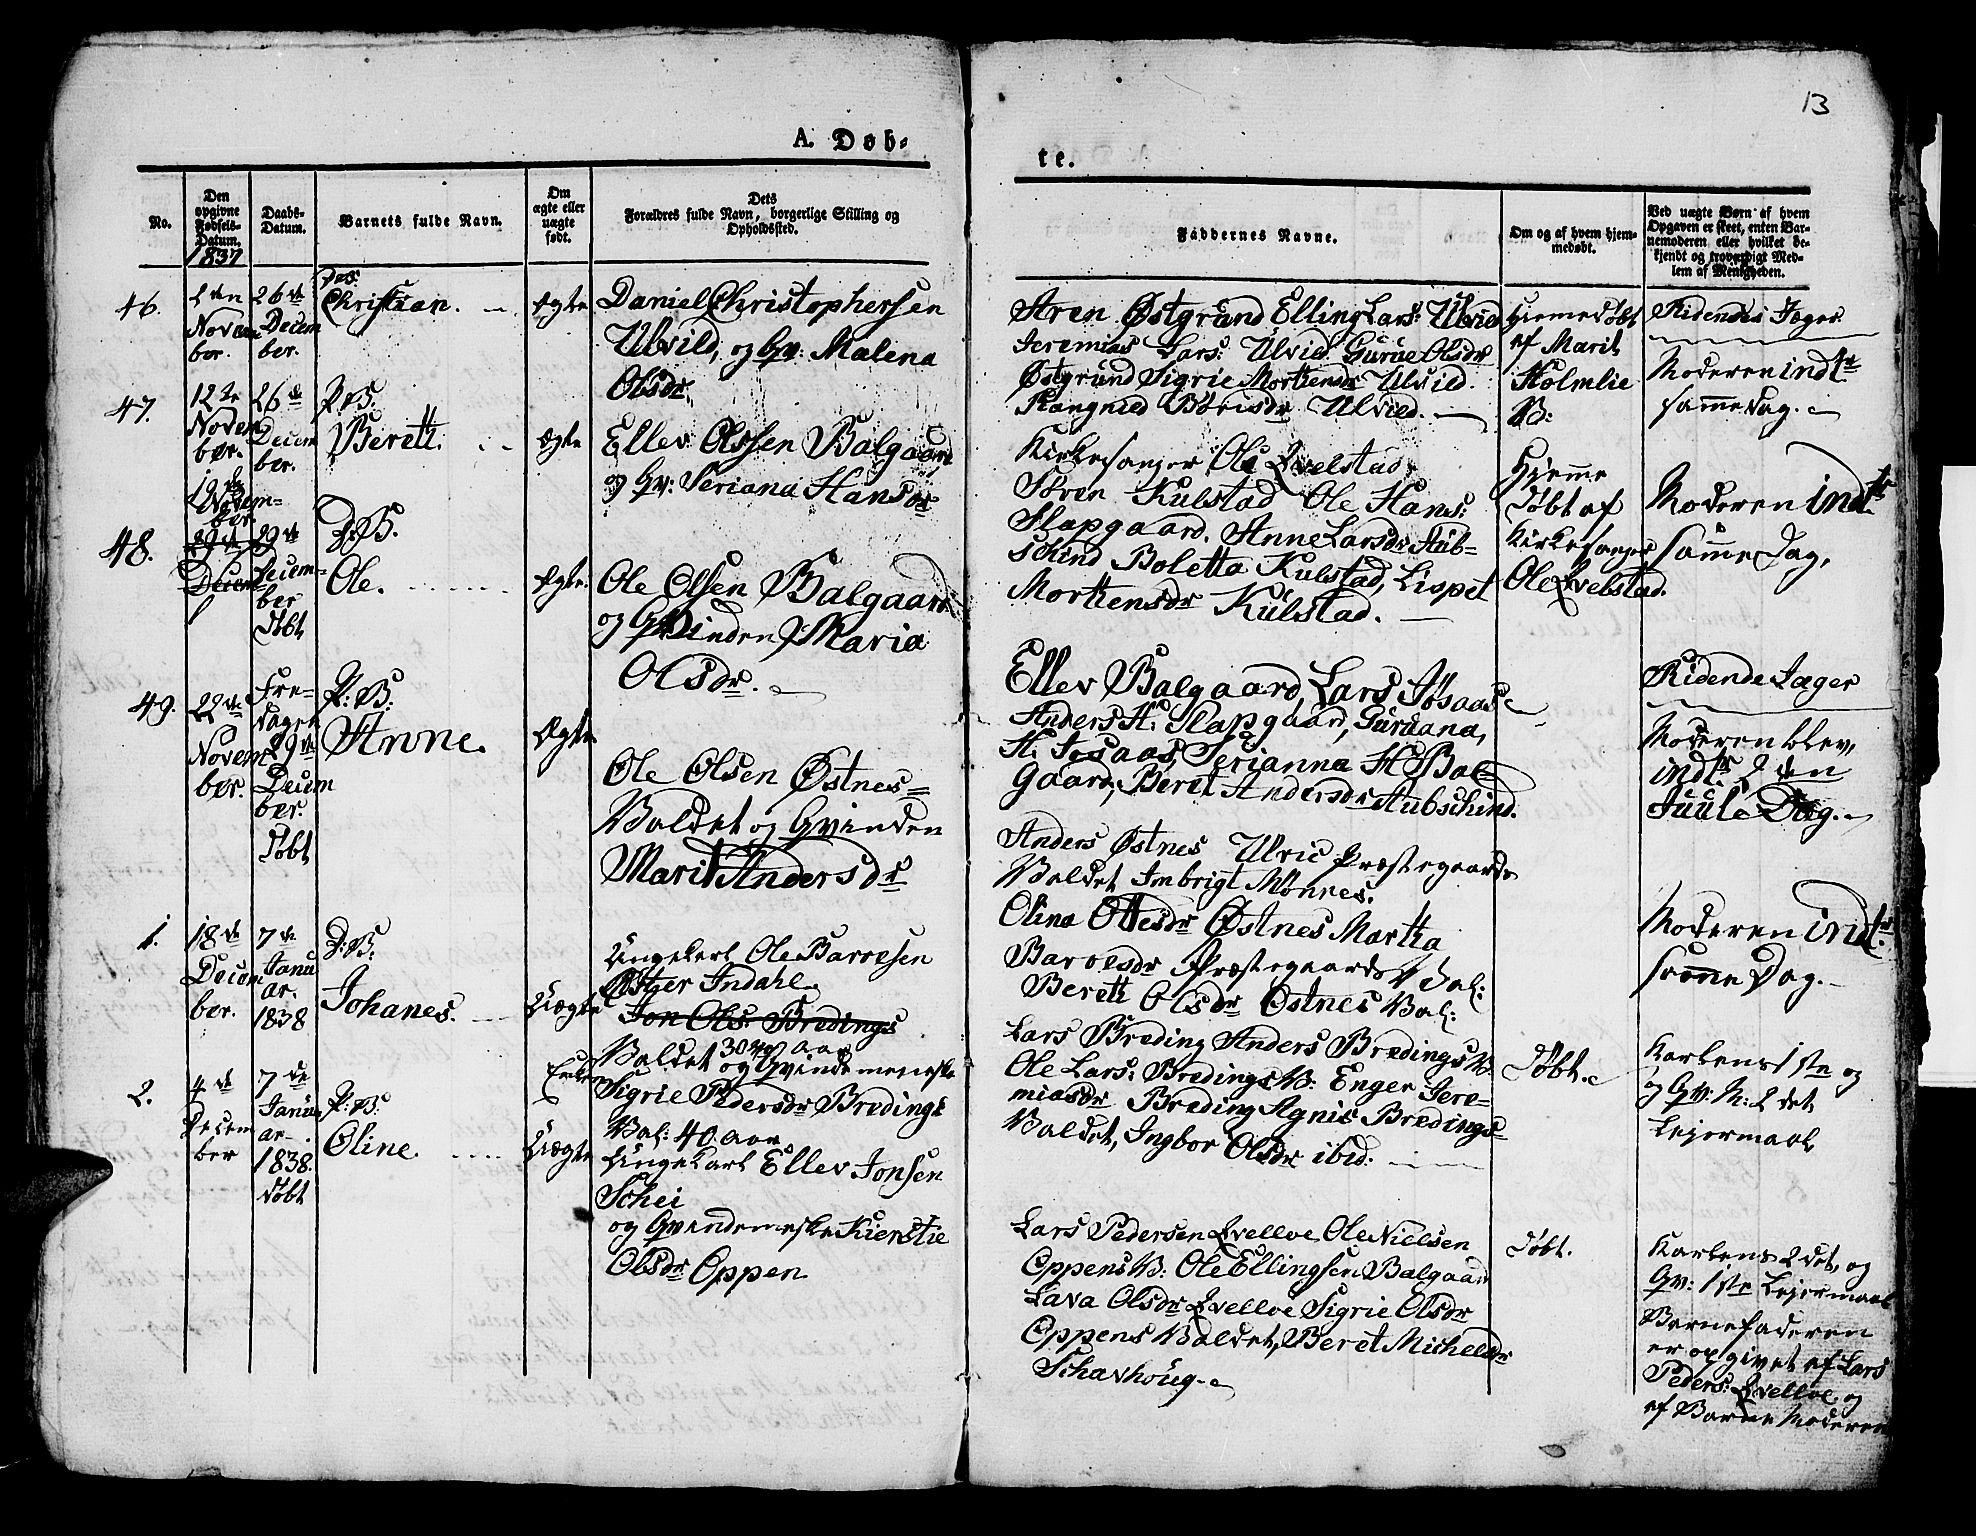 SAT, Ministerialprotokoller, klokkerbøker og fødselsregistre - Nord-Trøndelag, 724/L0266: Klokkerbok nr. 724C02, 1836-1843, s. 13